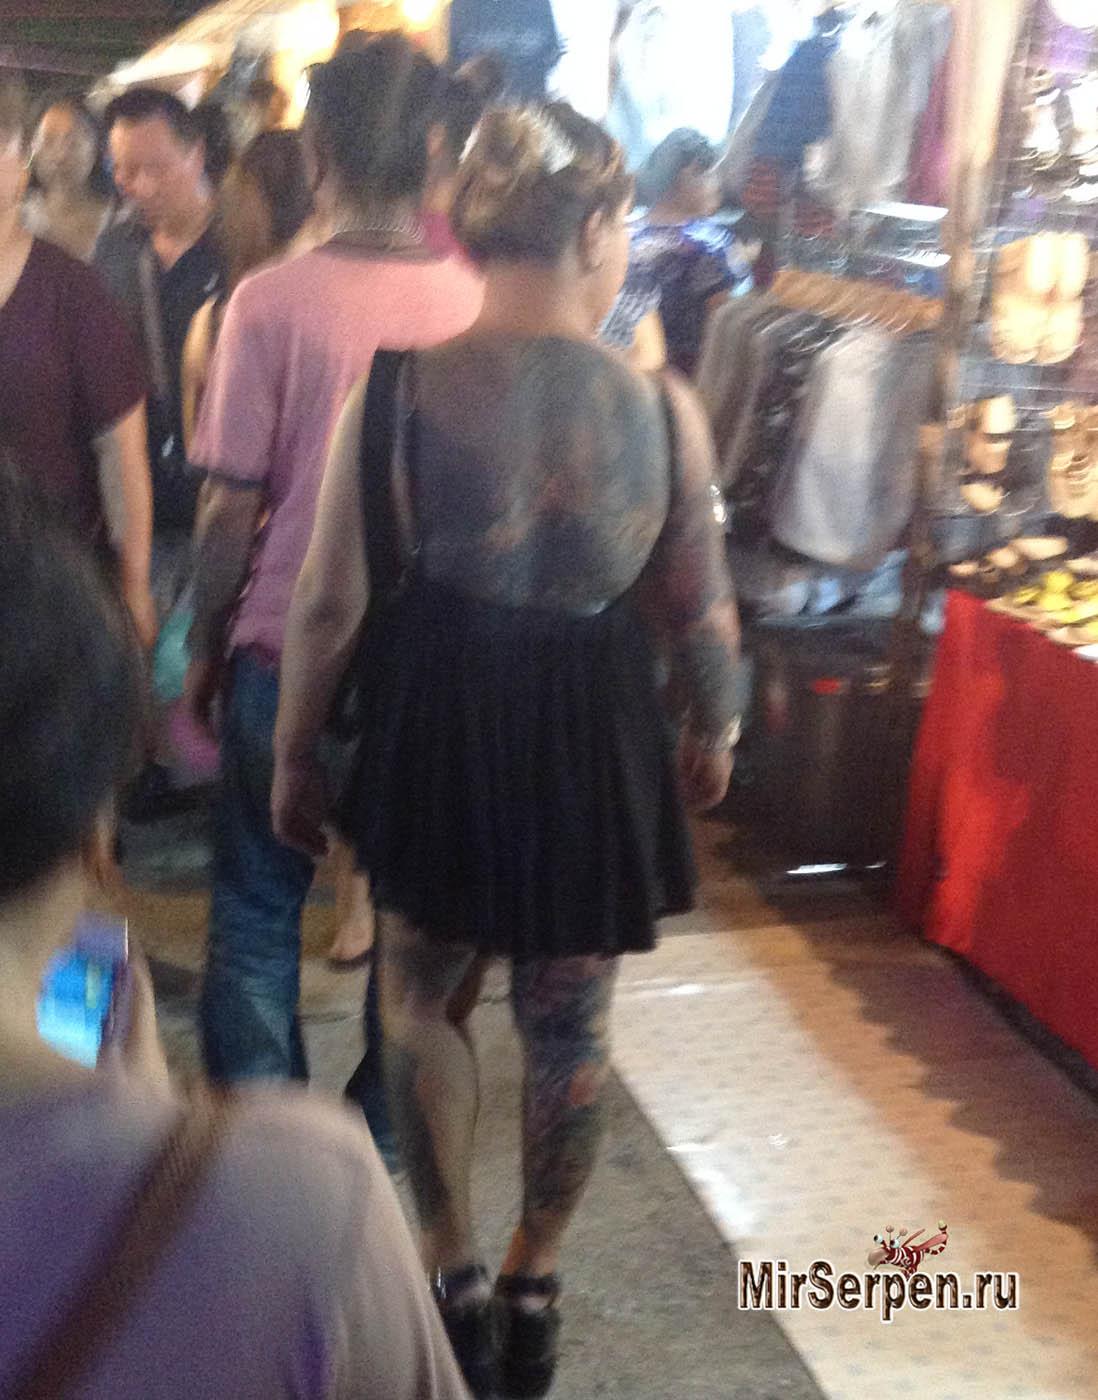 Тайская девушка с татуировкой дракона